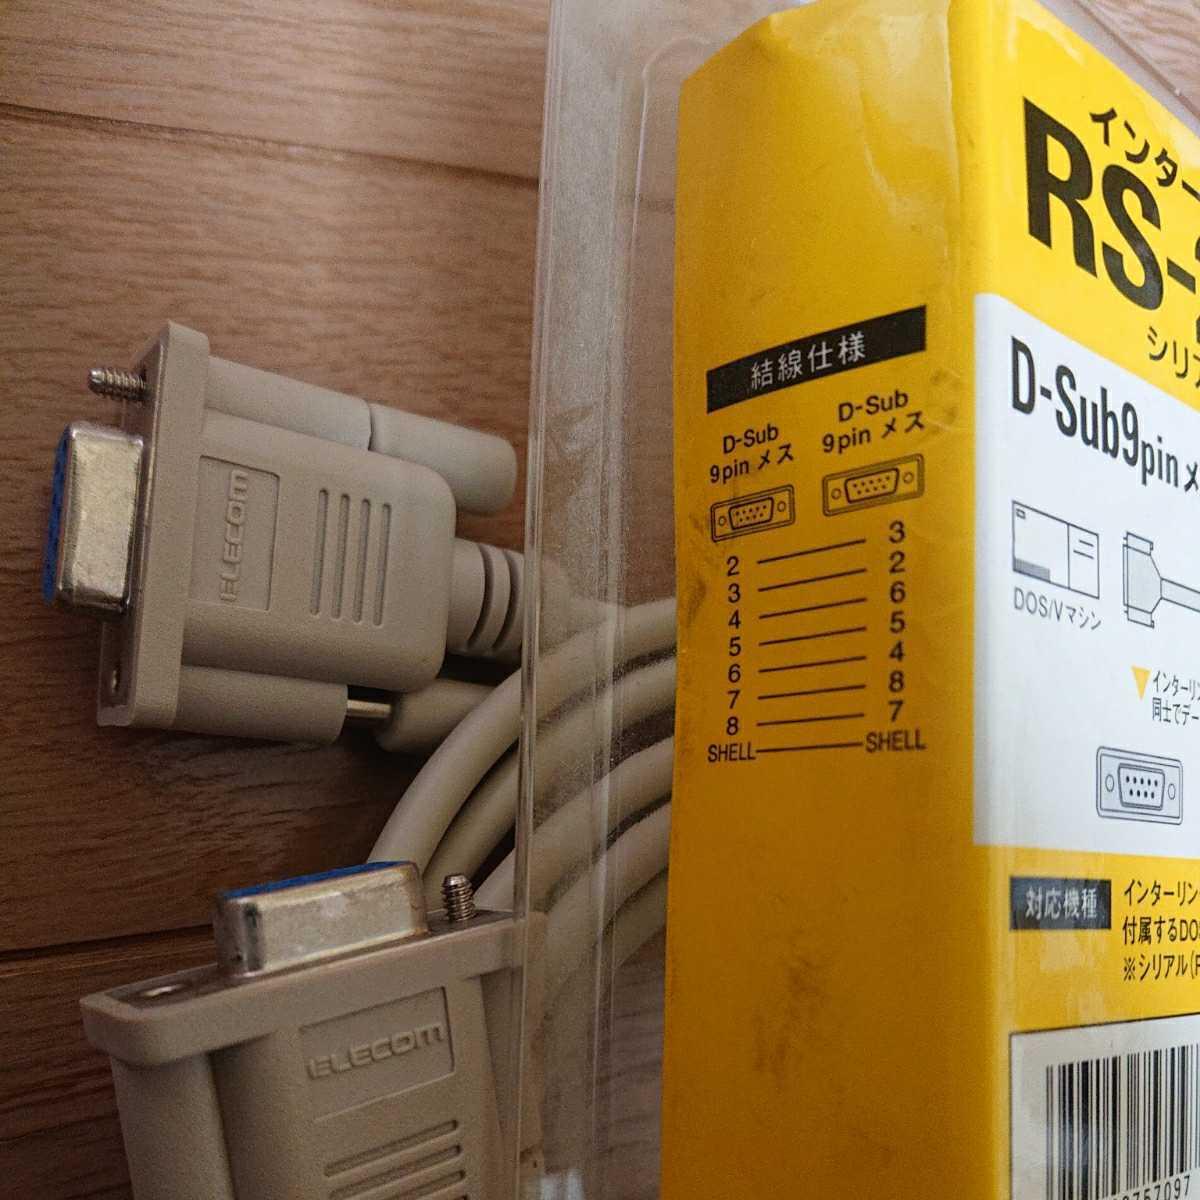 エレコム C232R-3.0 RS-232C リバースケーブル シリアル転送用 インターリンク対応 3.0m D-Sub9pinメス-D-Sub9pinメス 箱あり